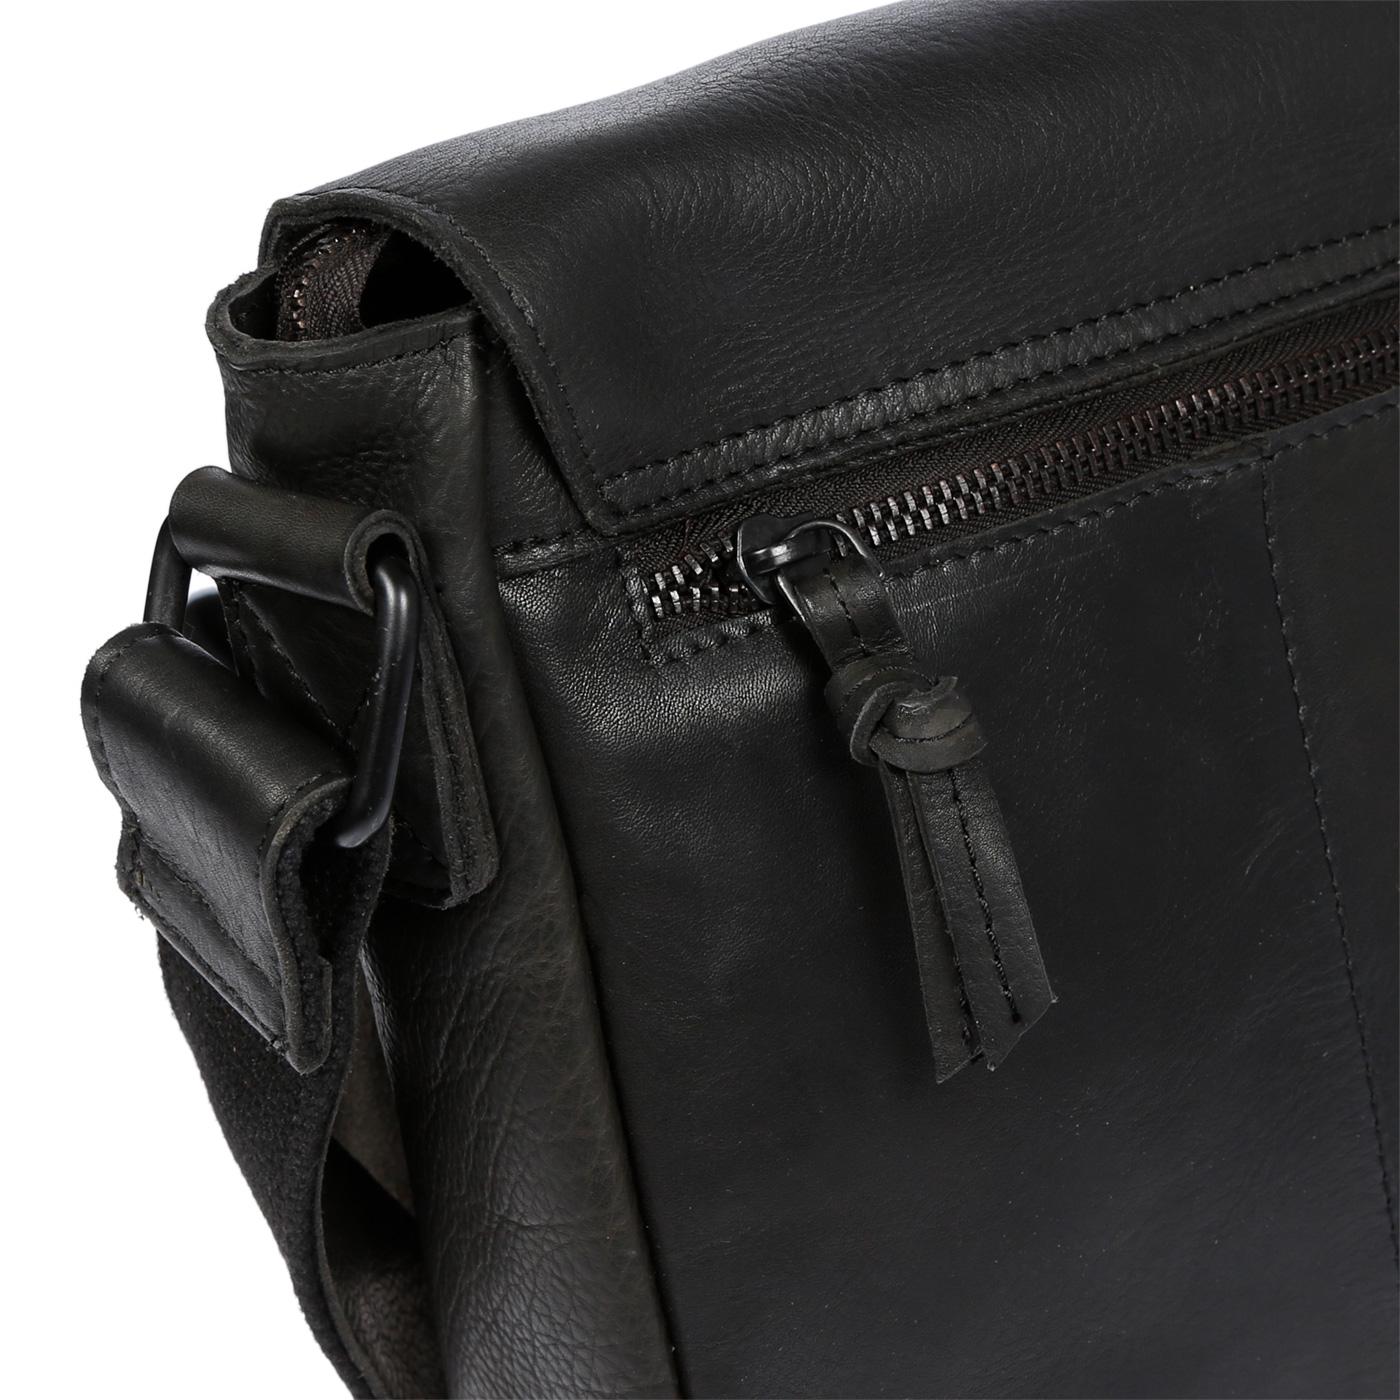 Echt-Leder-Herren-Damen-Umhaengetasche-Tasche-RFID-Schutz-Schultertasche-Umhaenger Indexbild 18